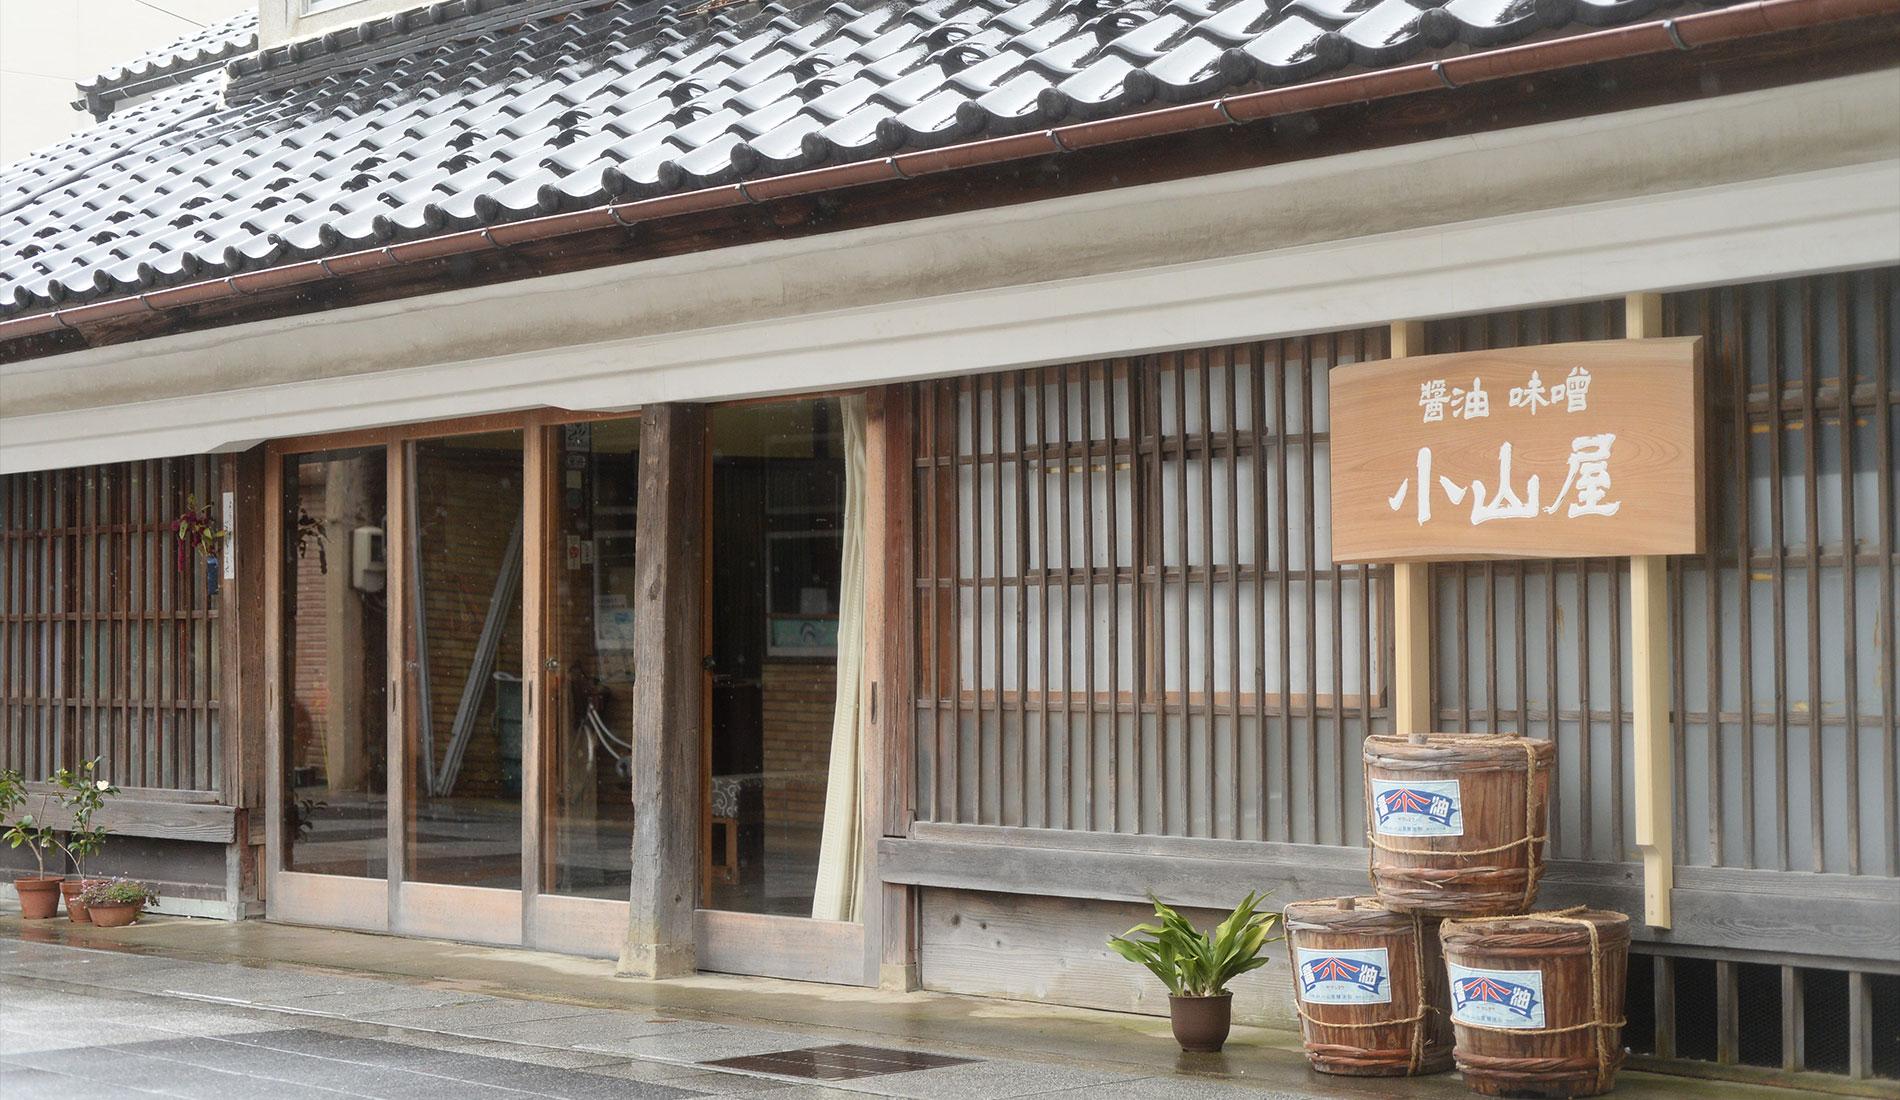 小山屋醤油店 入口